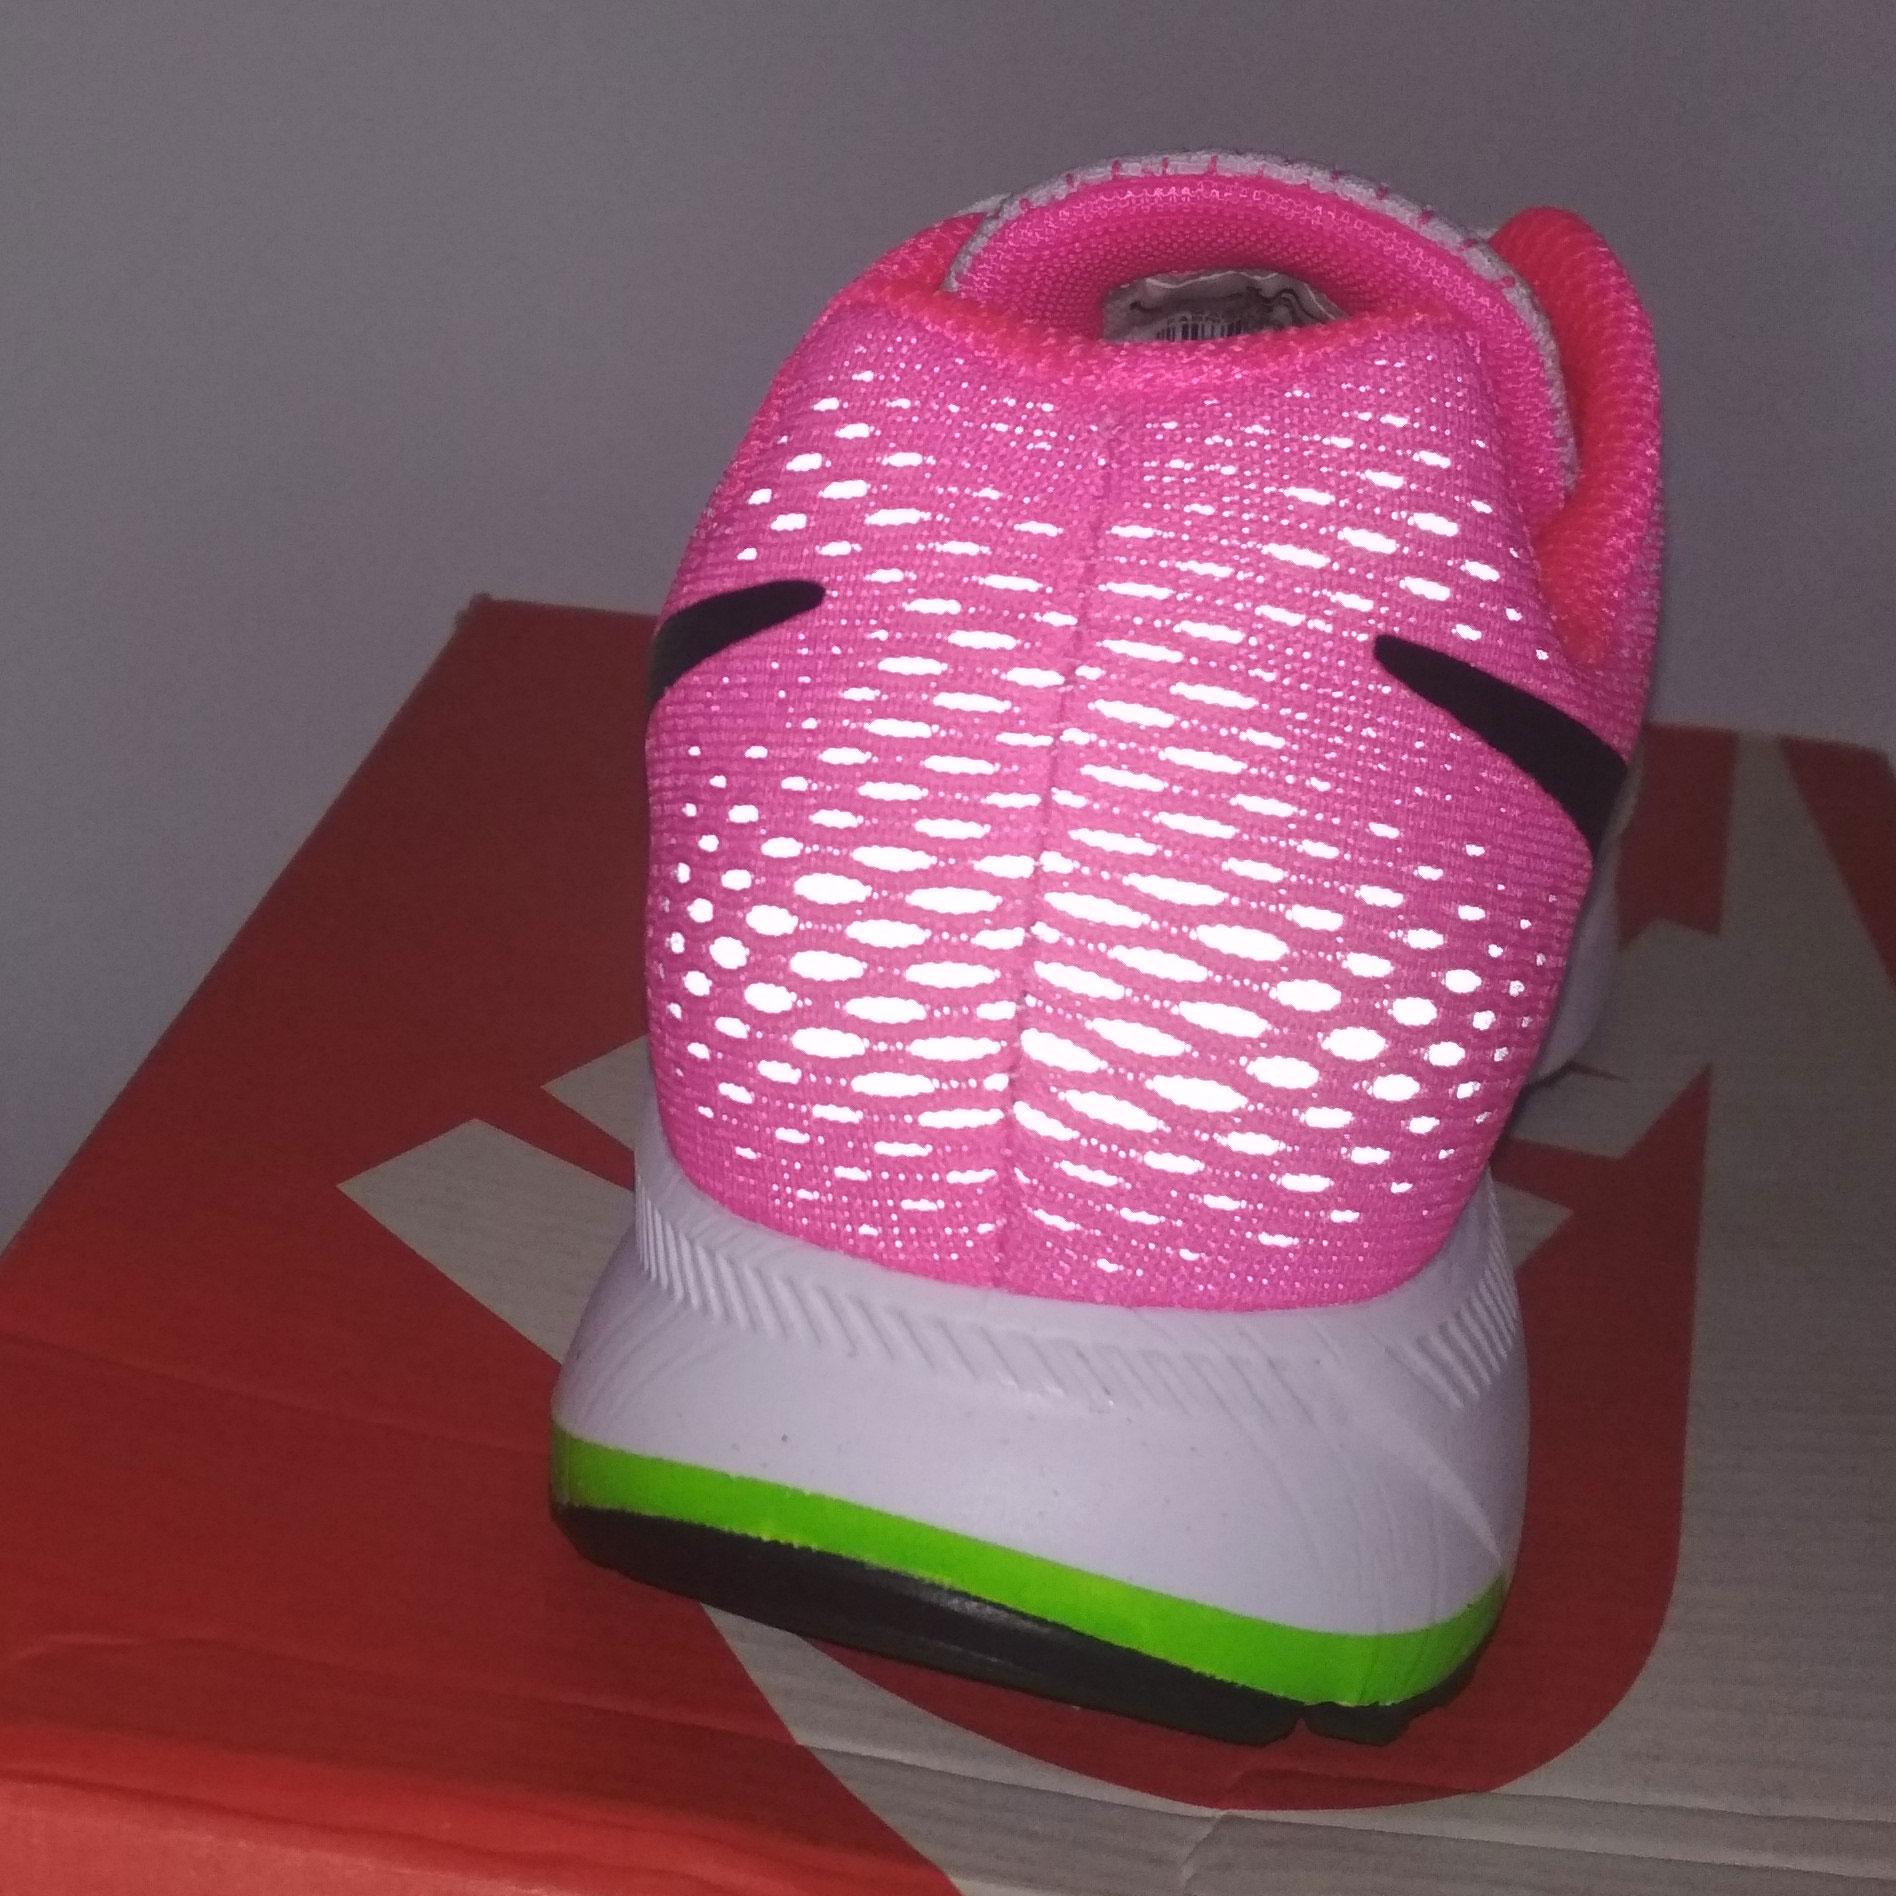 большое фото №6 Женские кроссовки для бега Nike Zoom Pegasus 33 светло-розовые. Топ качество!